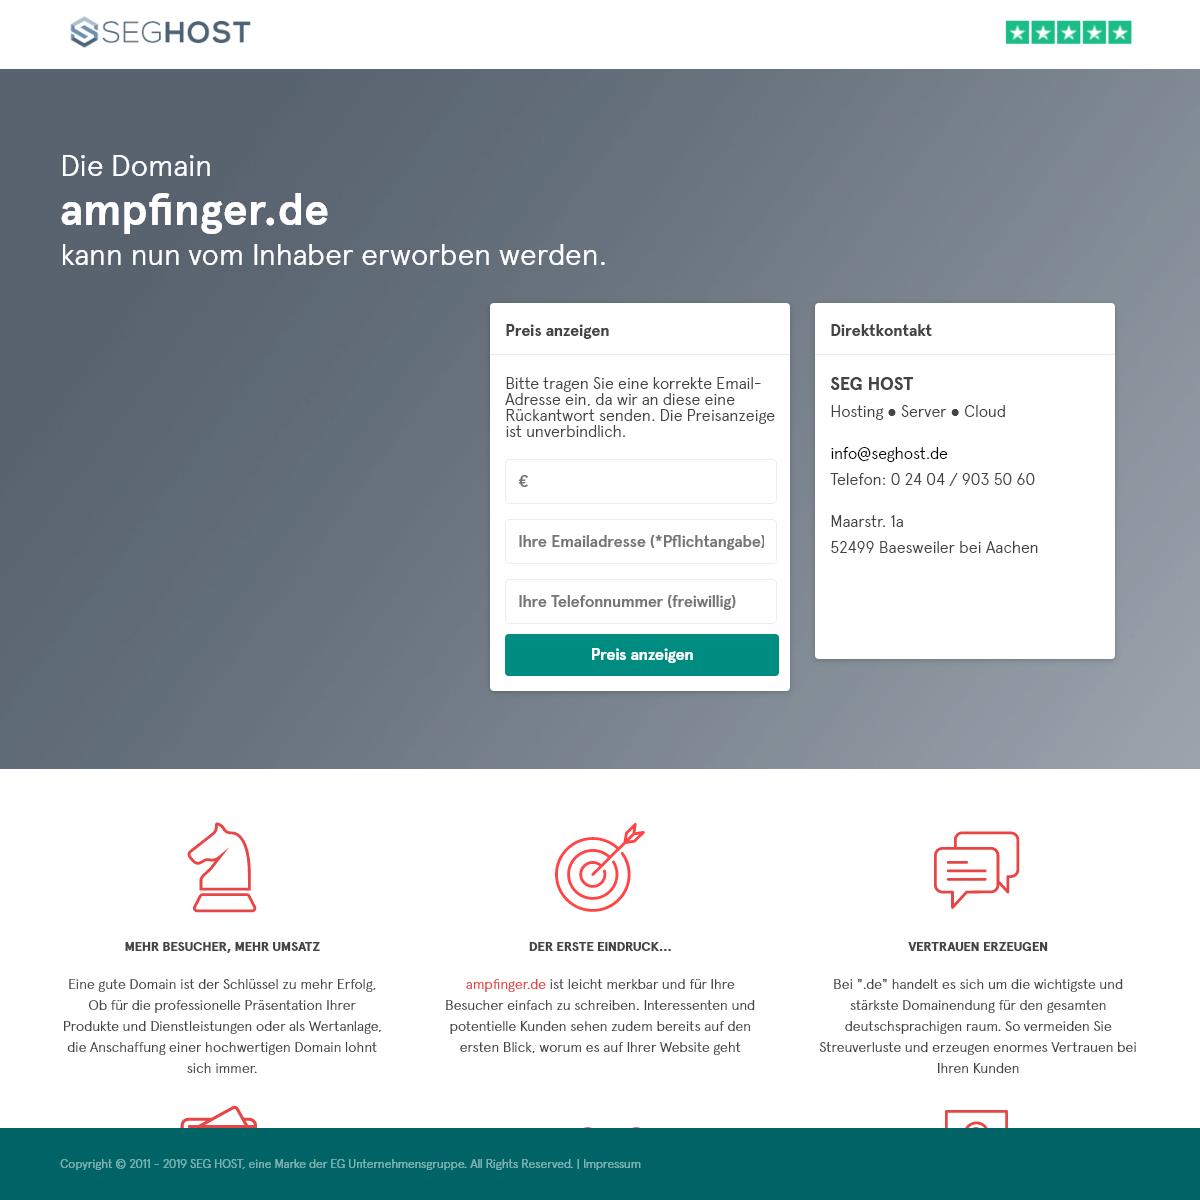 Die Domain ampfinger.de kann nun vom Inhaber erworben werden.